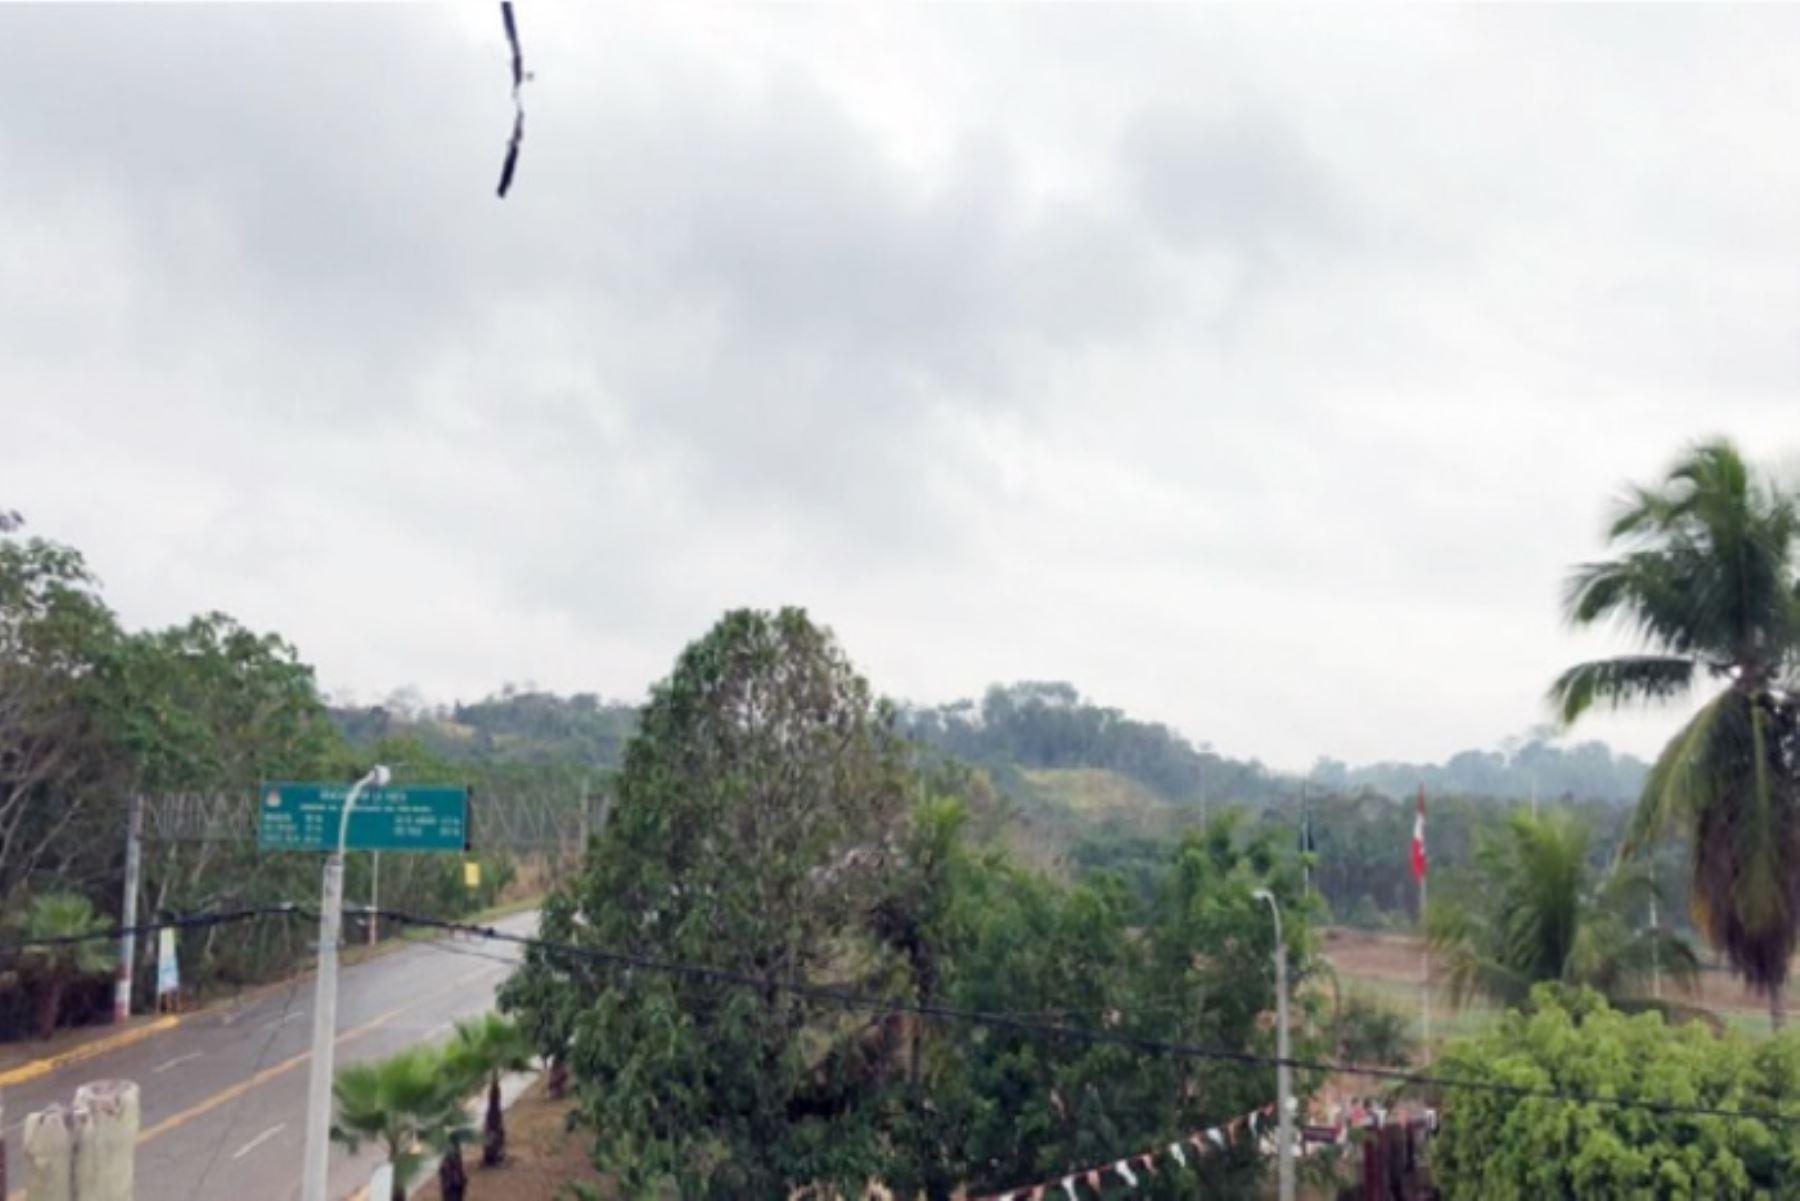 Los niveles de material particulado en el ambiente del distrito de Iñapari, provincia de Tahuamanu, región Madre de Dios, debido a los incendios forestales que se registran, disminuirían durante el resto del día, informó el Ministerio del Ambiente (Minam).